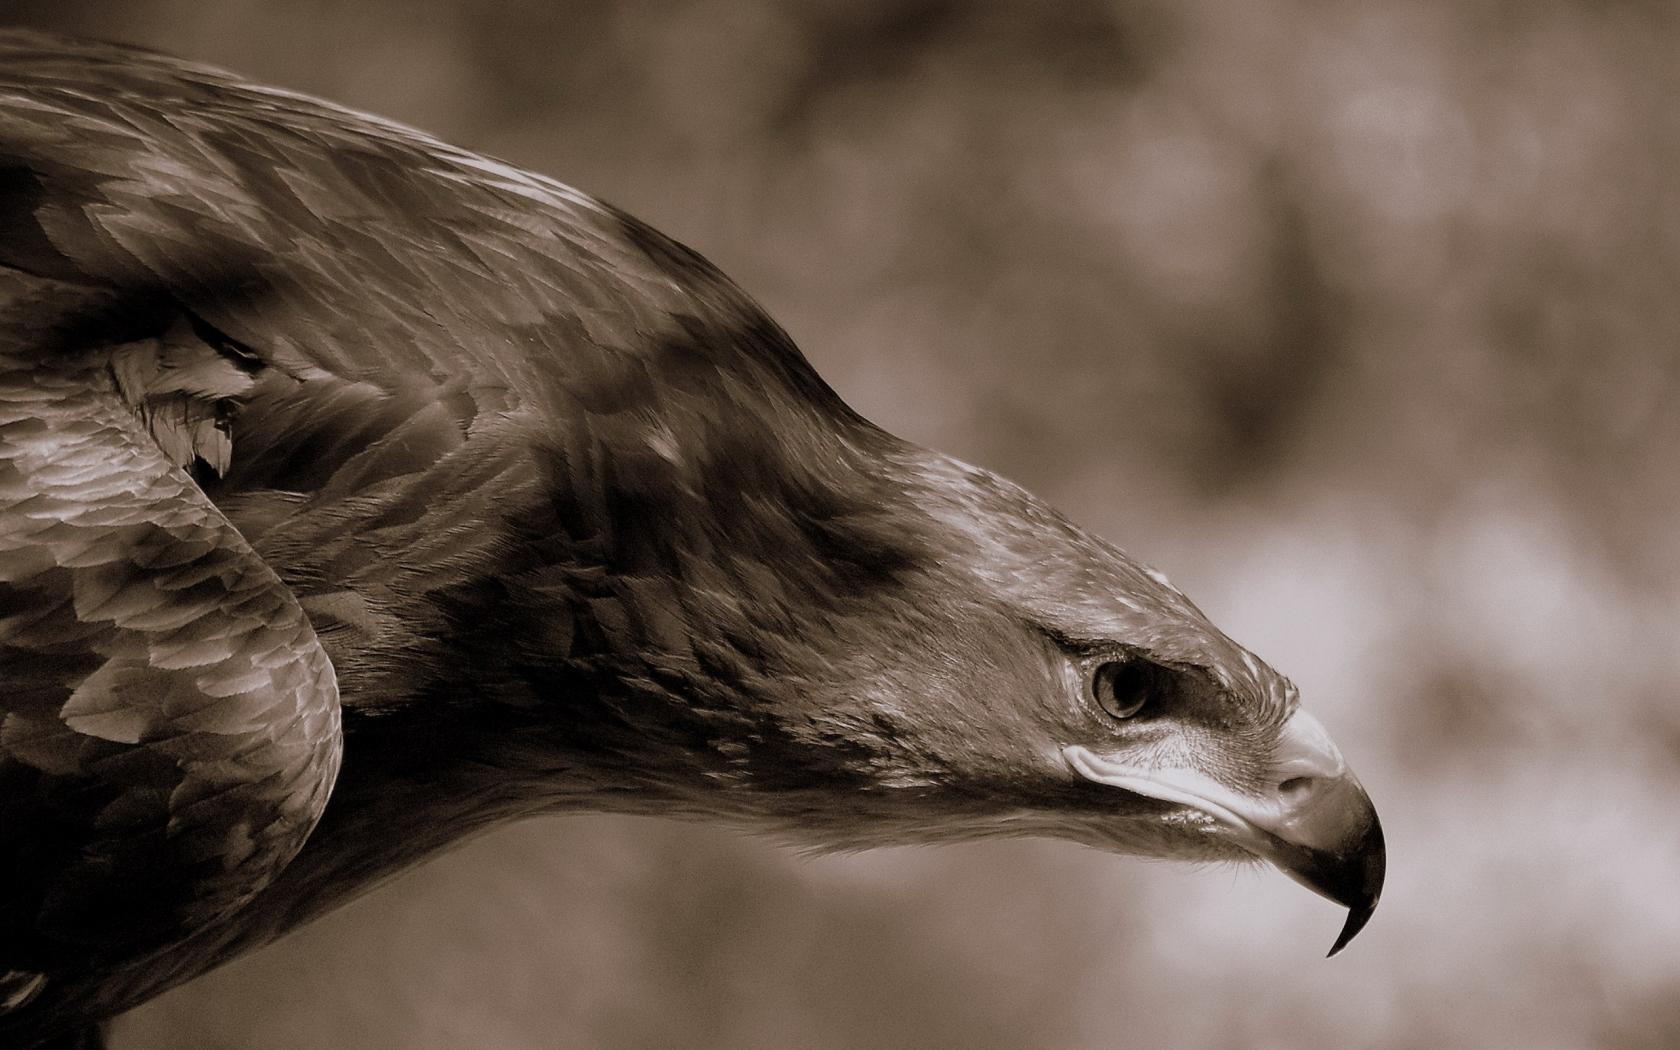 Aguila Marron en caceria - 1680x1050